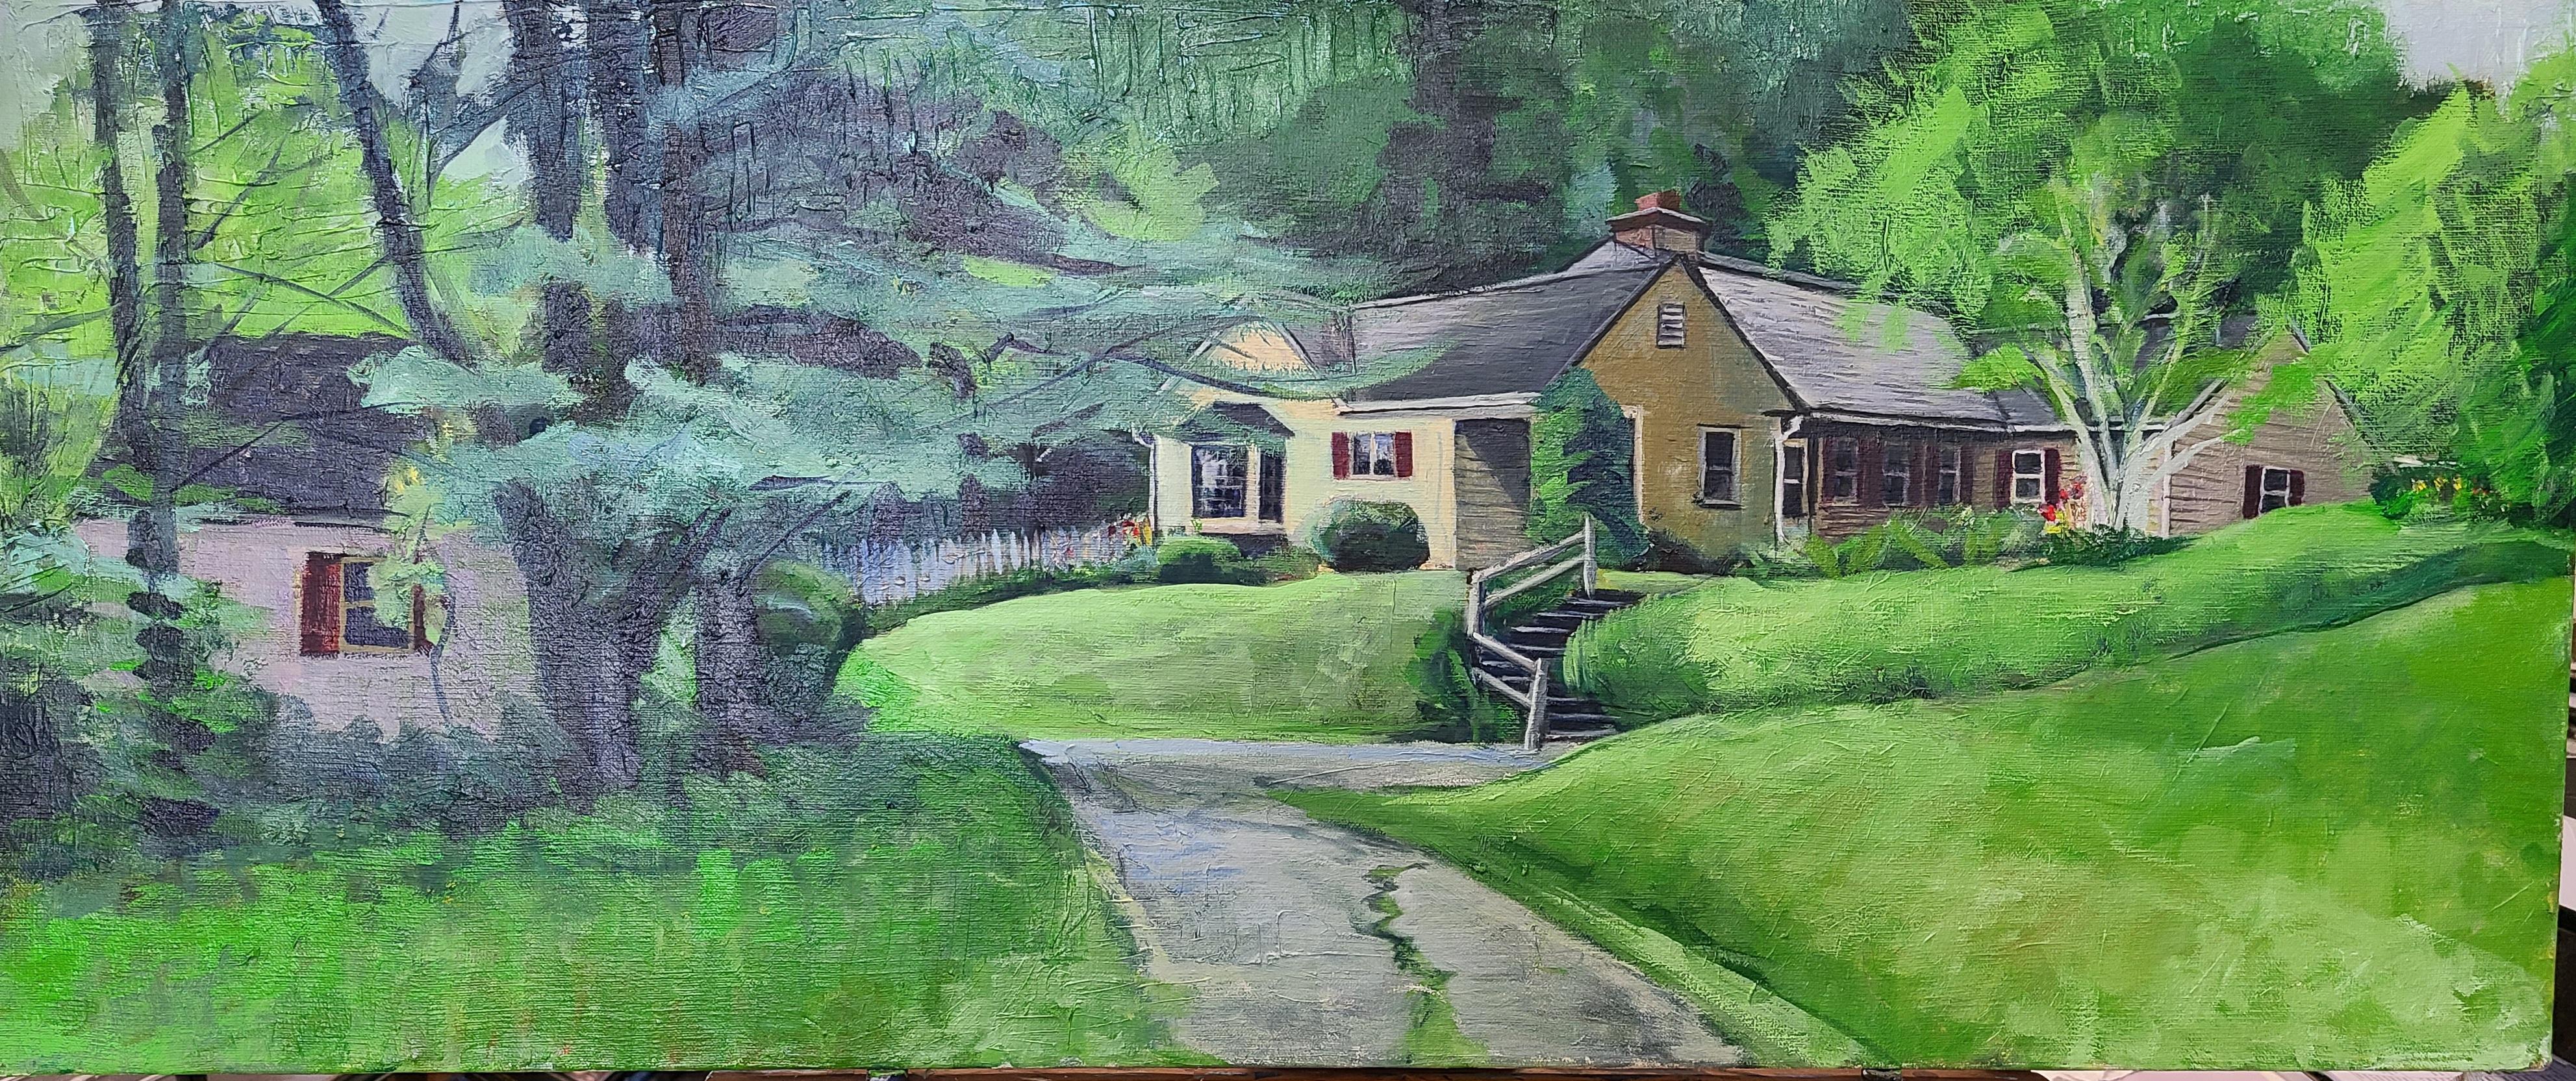 House in Lenox (2).jpg